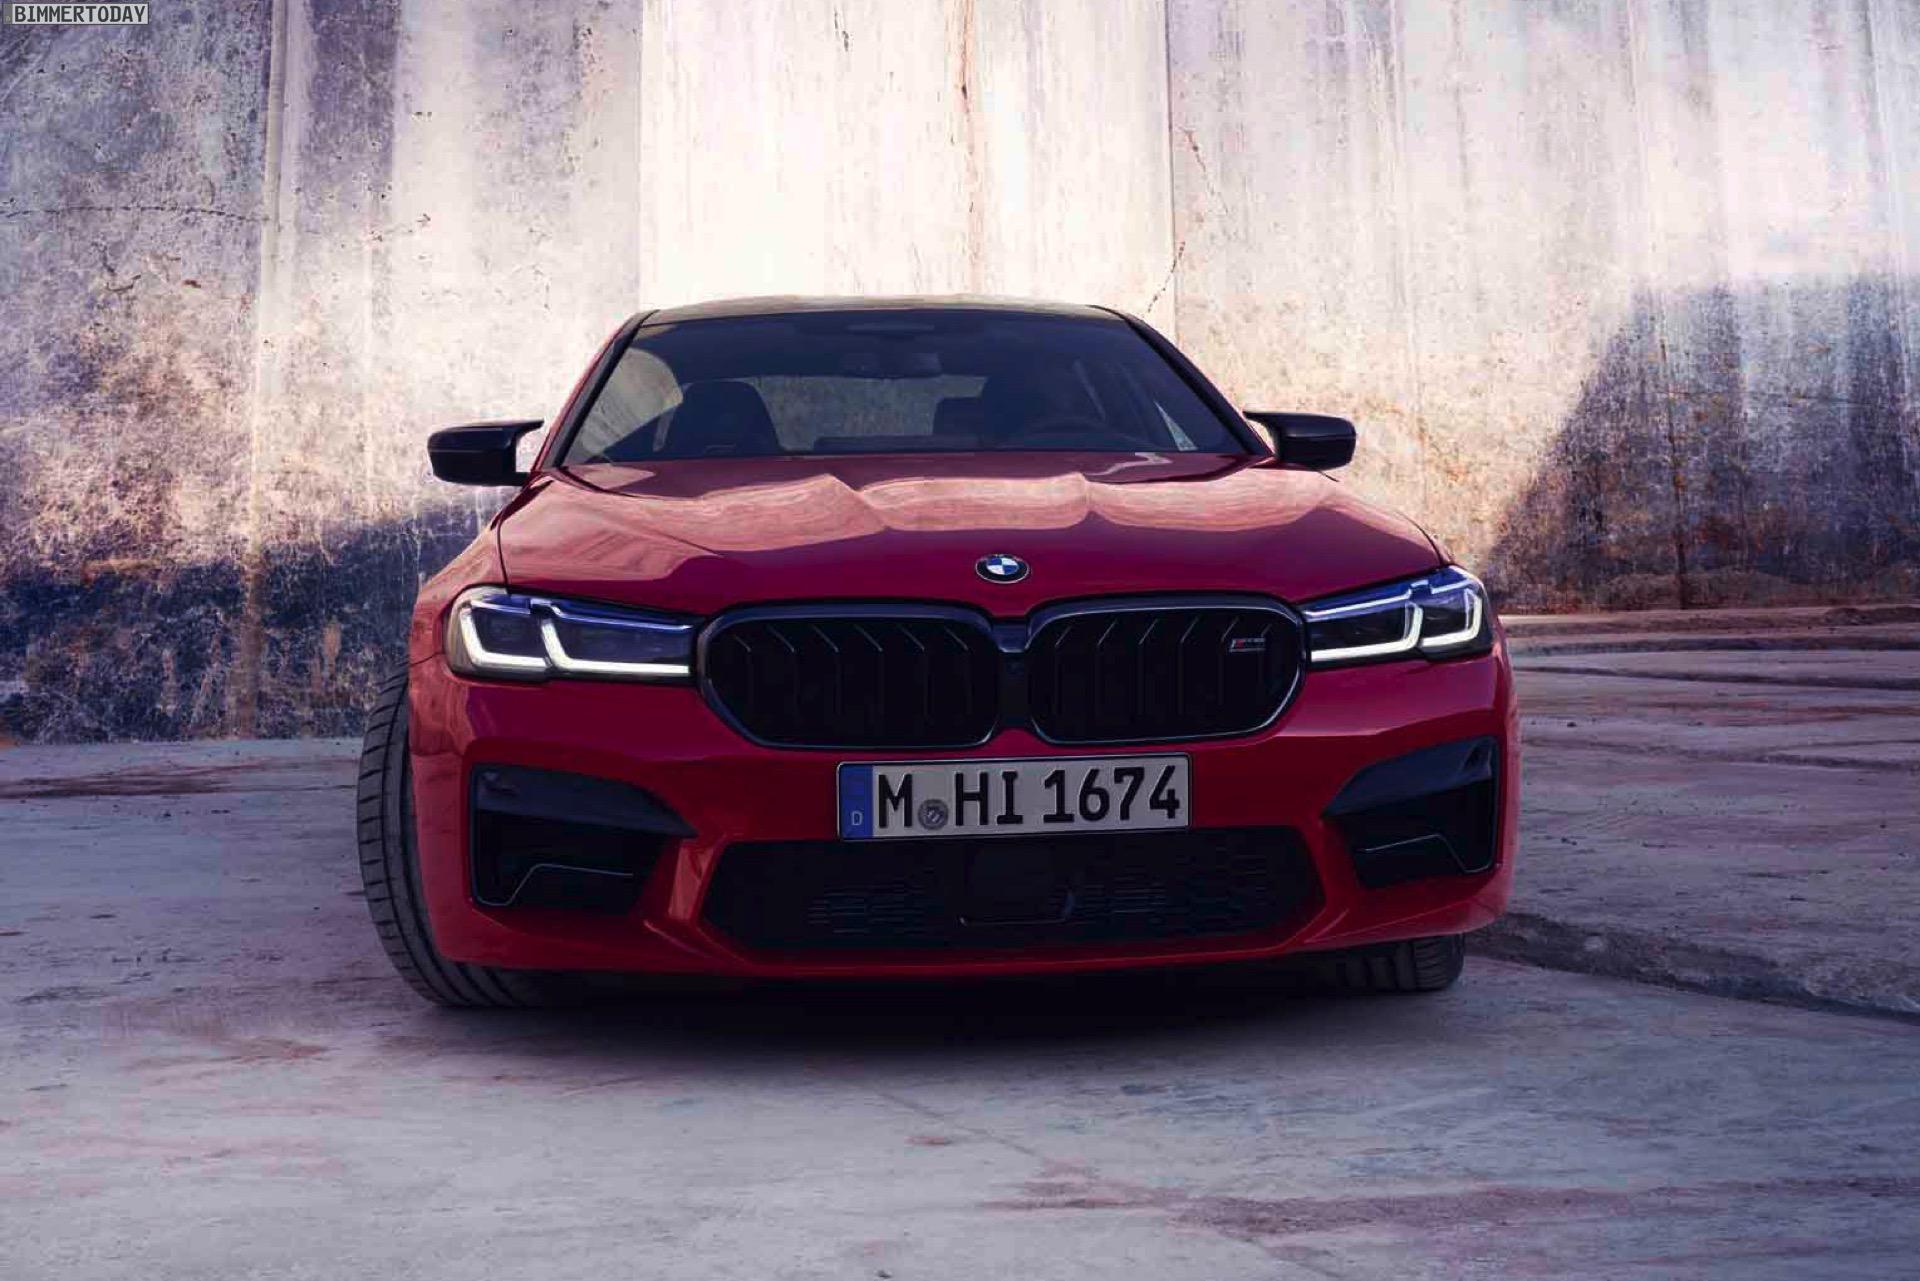 Bmw M5 Facelift 2020 Alle Bilder Und Infos Zum F90 Lci